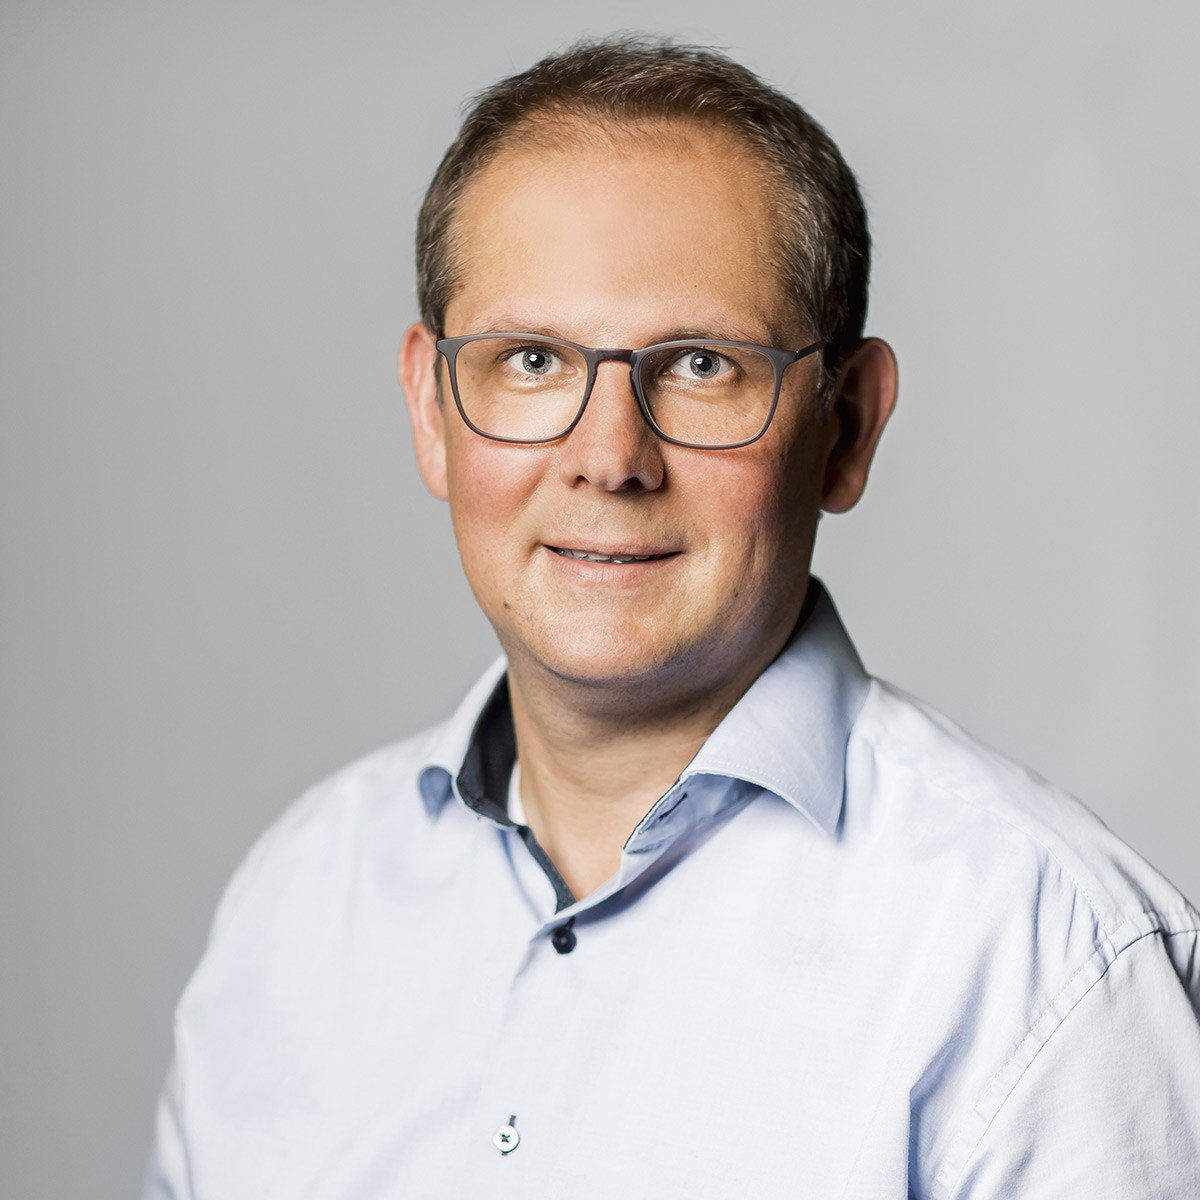 Stefan Heitkämper